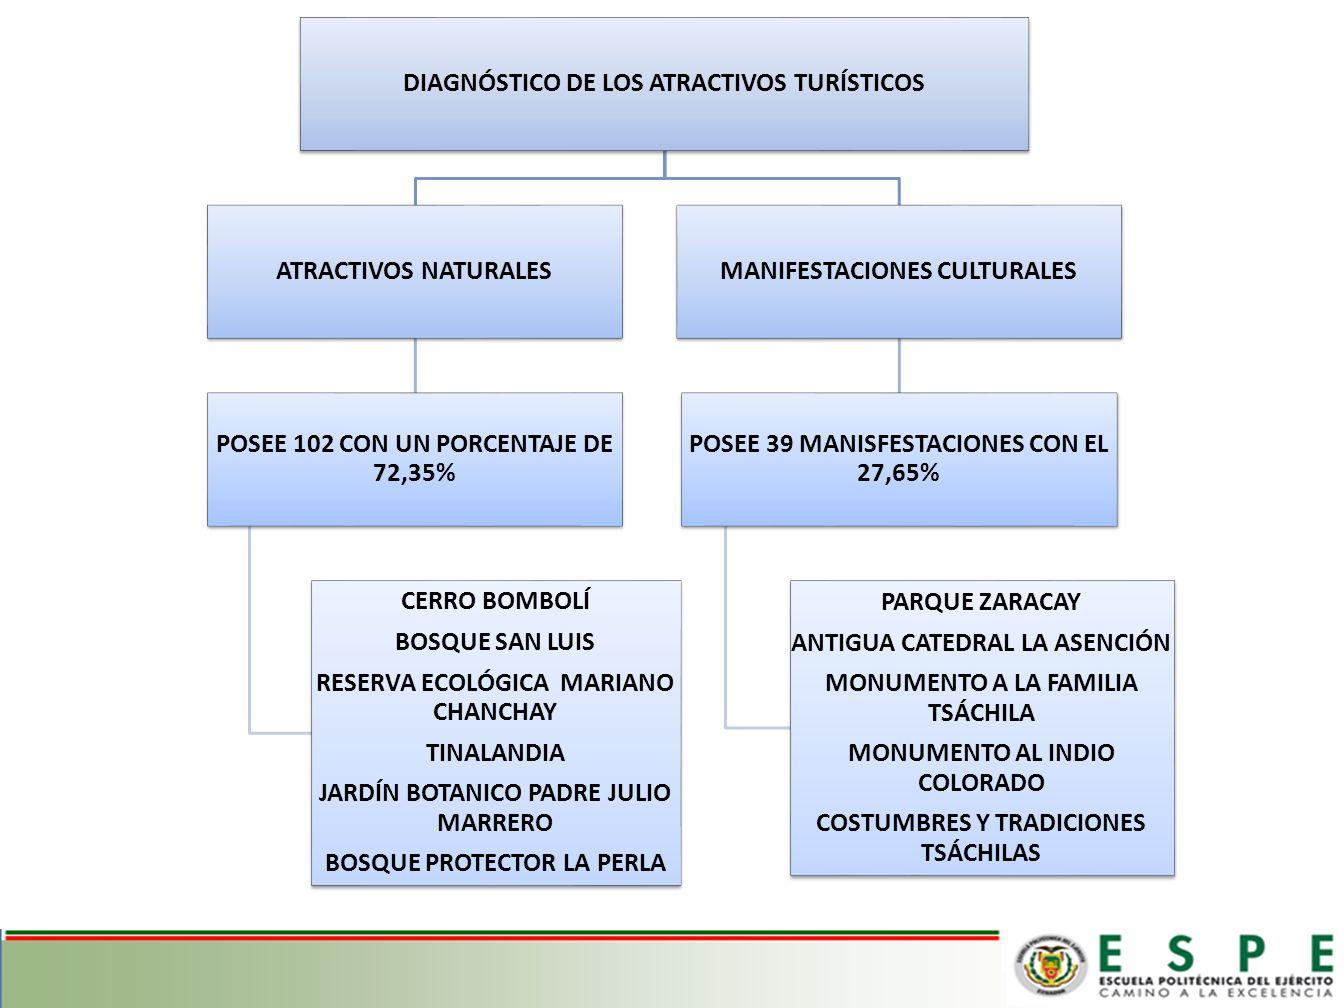 COSTUMBRES Y TRADICIONES DE LAS COMUNIDADES TSÁCHILAS DISTRIBUIDAS EN 7 COMUNIDADES CHIGUILPE, OTONGO MAPALÍ, PERIPA,EL POSTE, EL BÚA, EL CÓNGOMA Y LOS NARANJOS COMIDA TÍPICA CHICHA DE YUCA EL PANDADO EL SANCOCHO MAYONES FIESTA TRADICIONAL EL KASAMA SE REALIZA EN SEMANA SANTA EN HONOR AL NUEVO AÑO REALIZAN DANZAS, TEATRO, MUSICA Y JUEGOS TRADICIONLES COMO EL LANZAMIENTO DE LANZA Y PIEDRA.